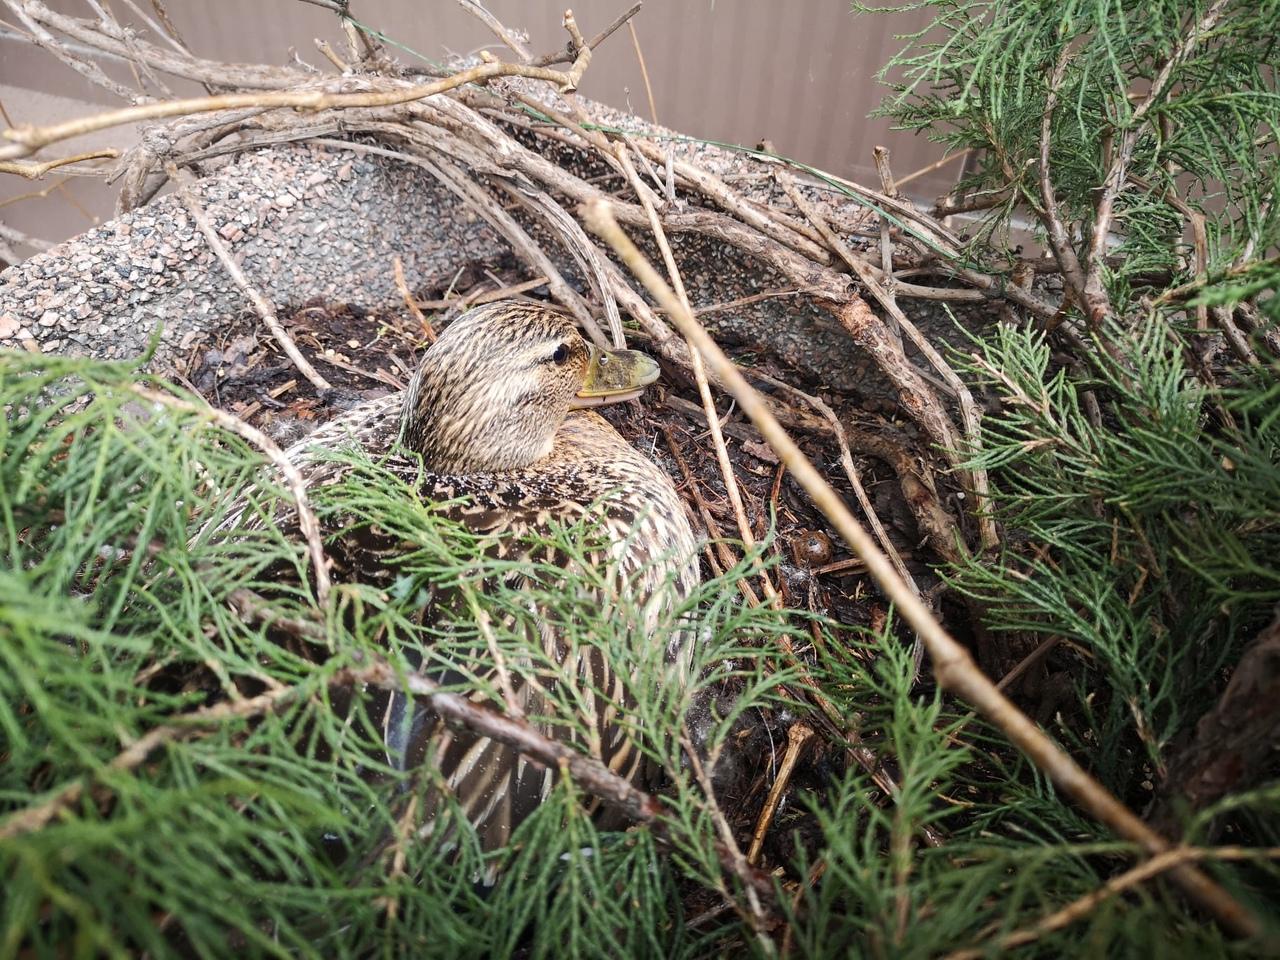 Прямо около одной из станций петербургского метро утка кряква свила гнездо в клумбе, и начала насижи...